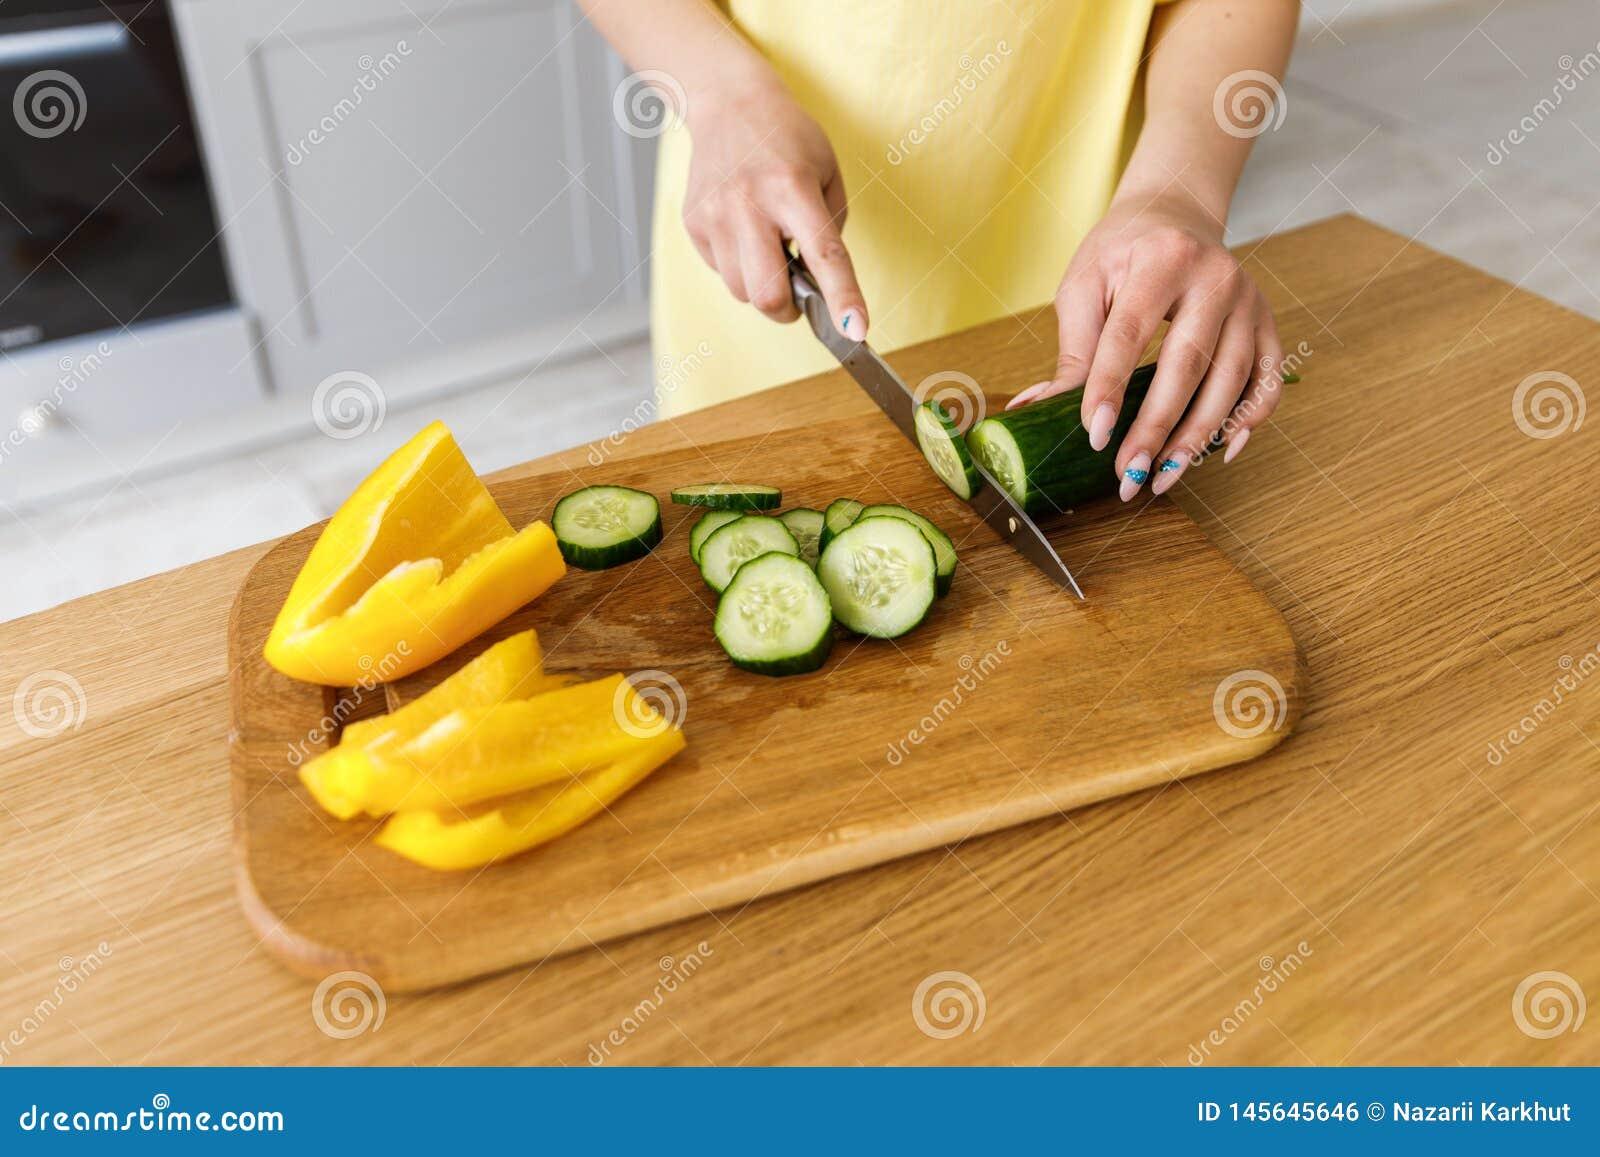 Een jonge vrouw die verse groenten op een houten raad voor salade snijden cooking Het meisje snijdt een komkommer, close-up